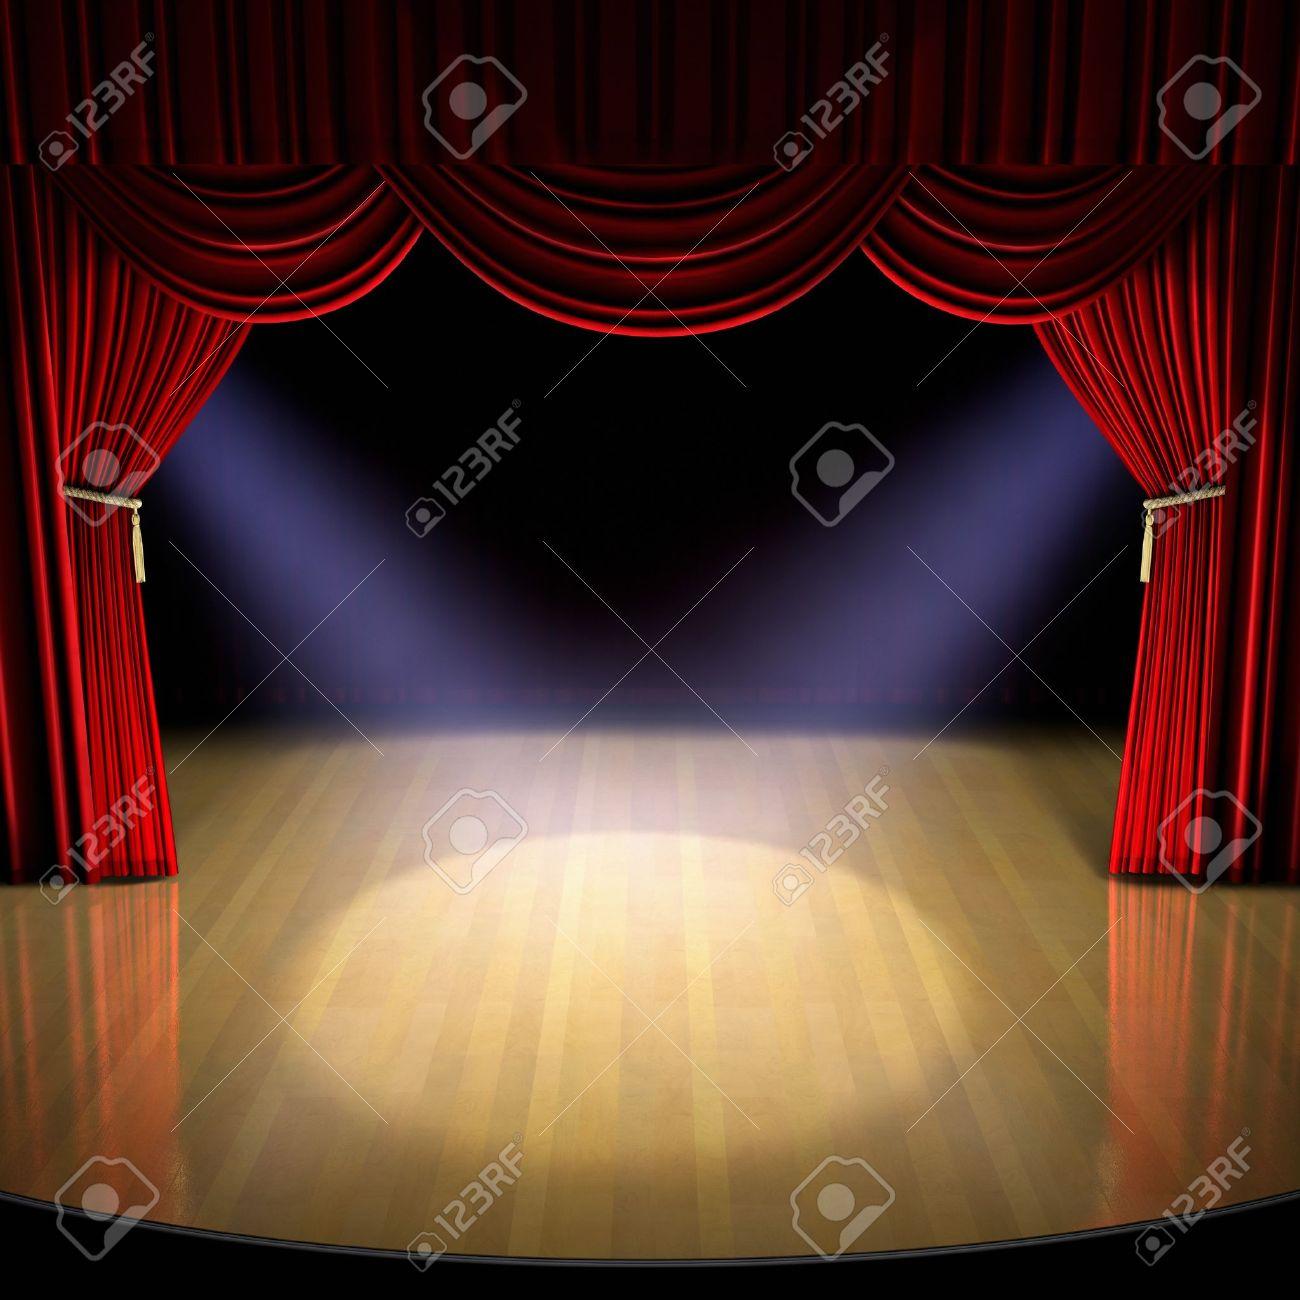 Scène de théâtre avec Rideau rouge et les projecteurs sur le plancher de la  scène.